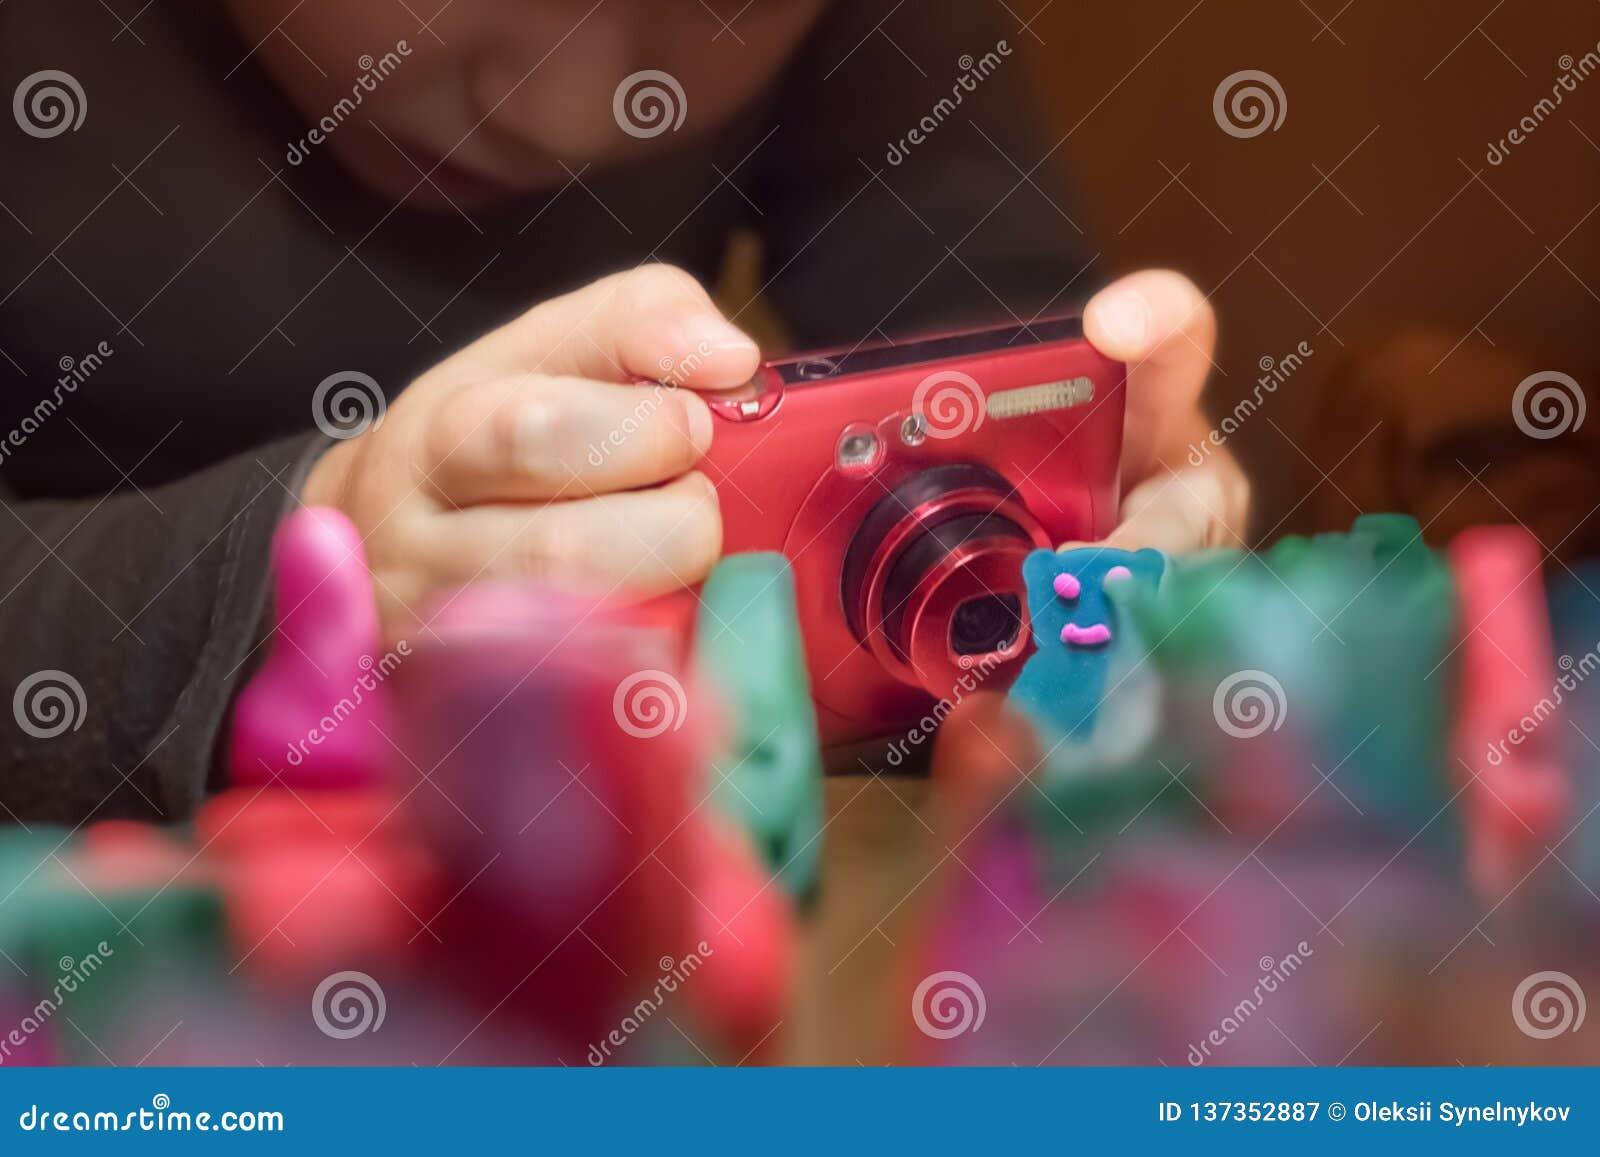 Σχολείο φωτογραφίας Σχολείο ζωτικότητας Νέος φωτογράφος που παίρνει τη φωτογραφία